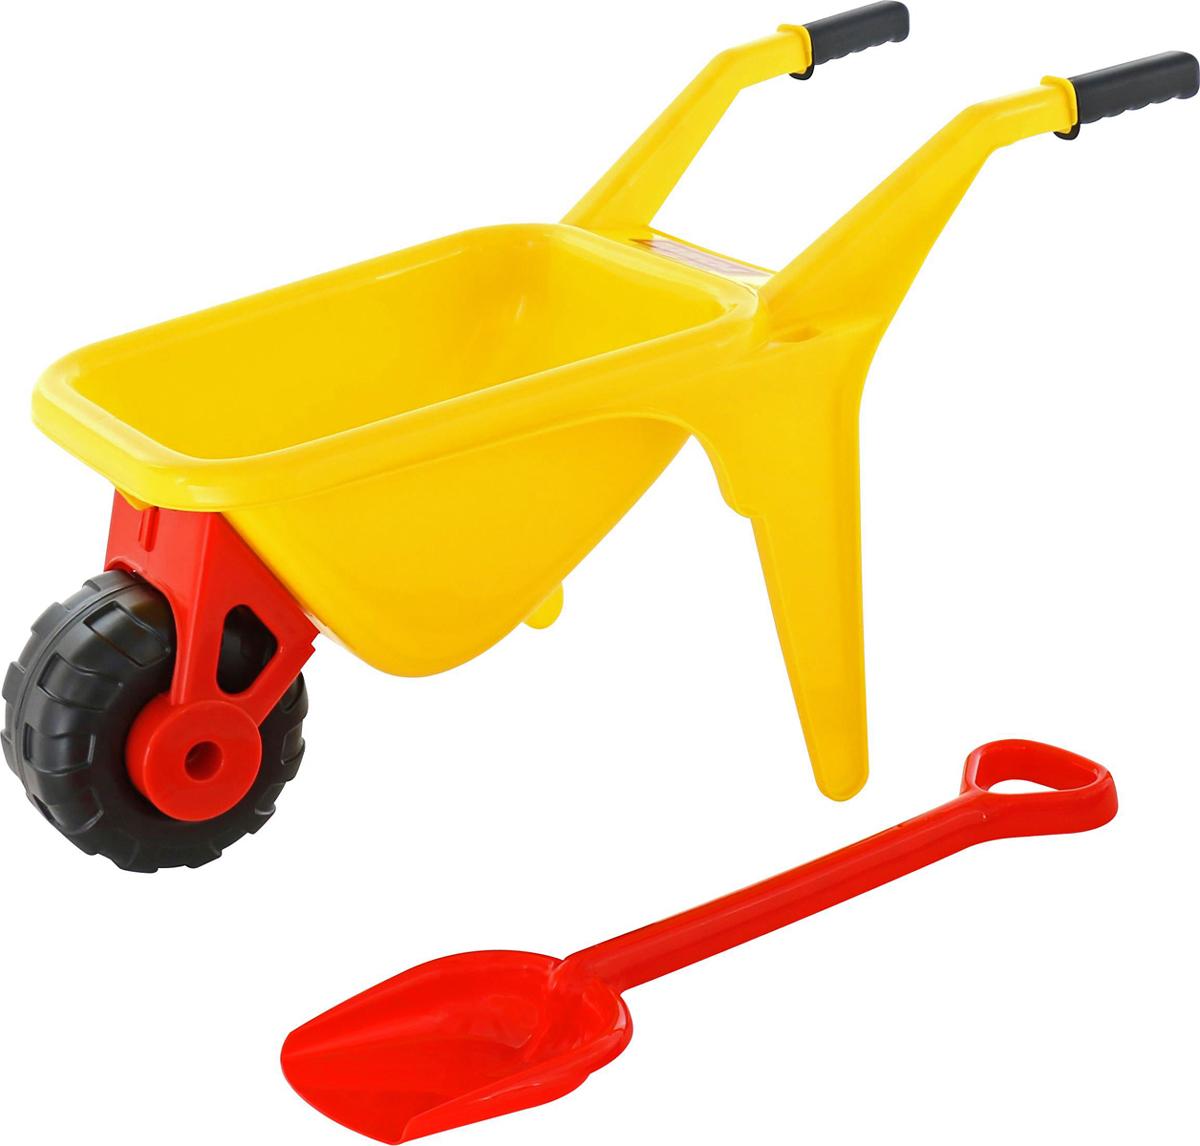 Полесье Набор игрушек для песочницы Тачка Садовод с лопатой игрушки для зимы полесье набор для песочницы 565